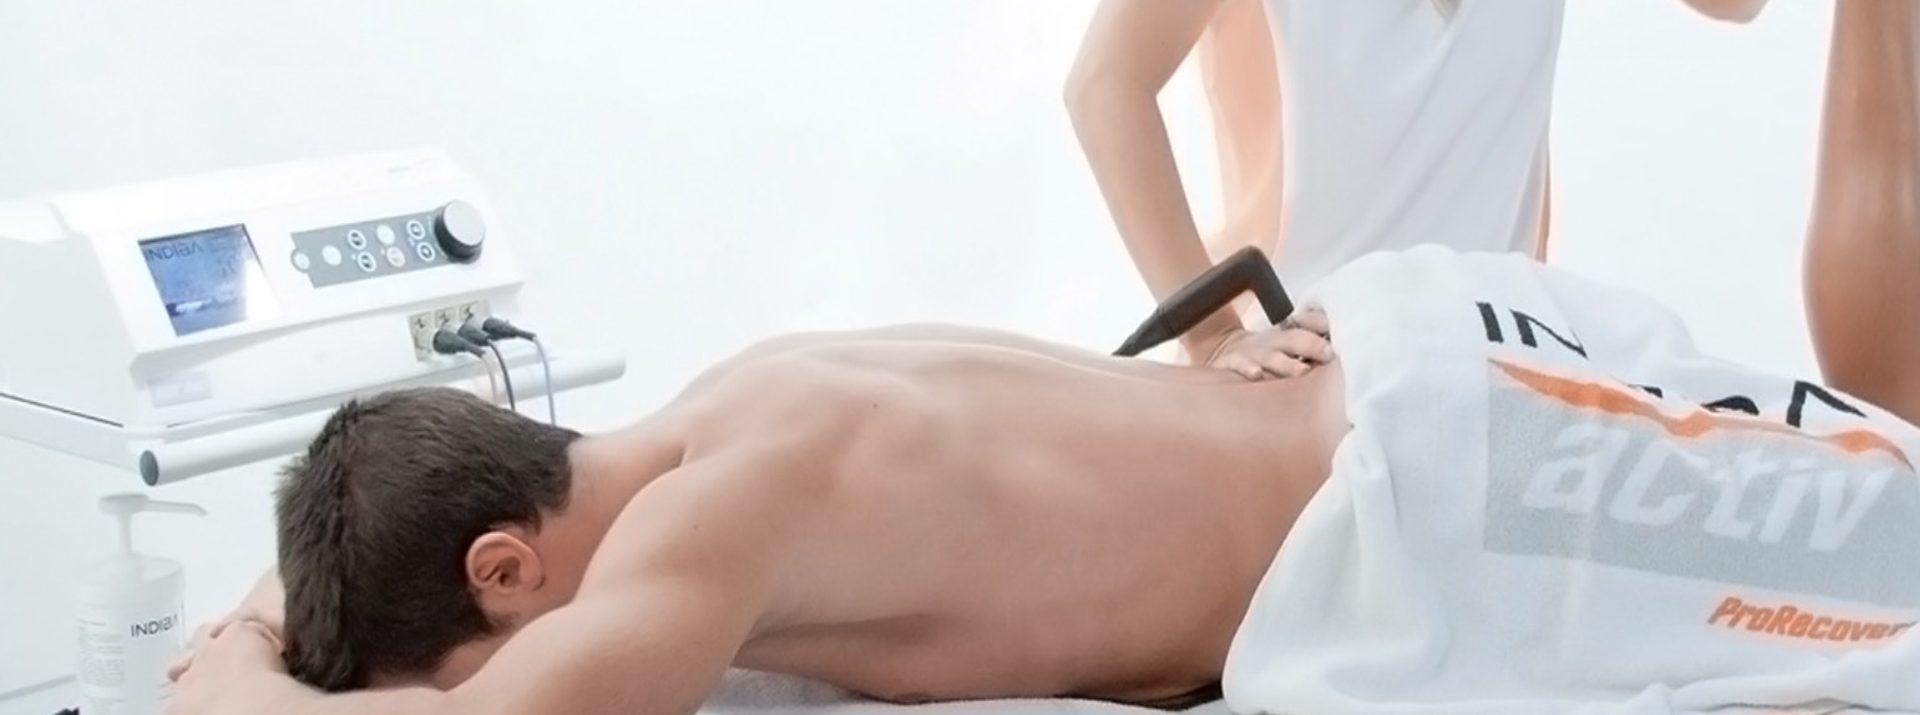 Tratamiento efectivo en patologias agudas y crónicas, osteoarticulares y musculares